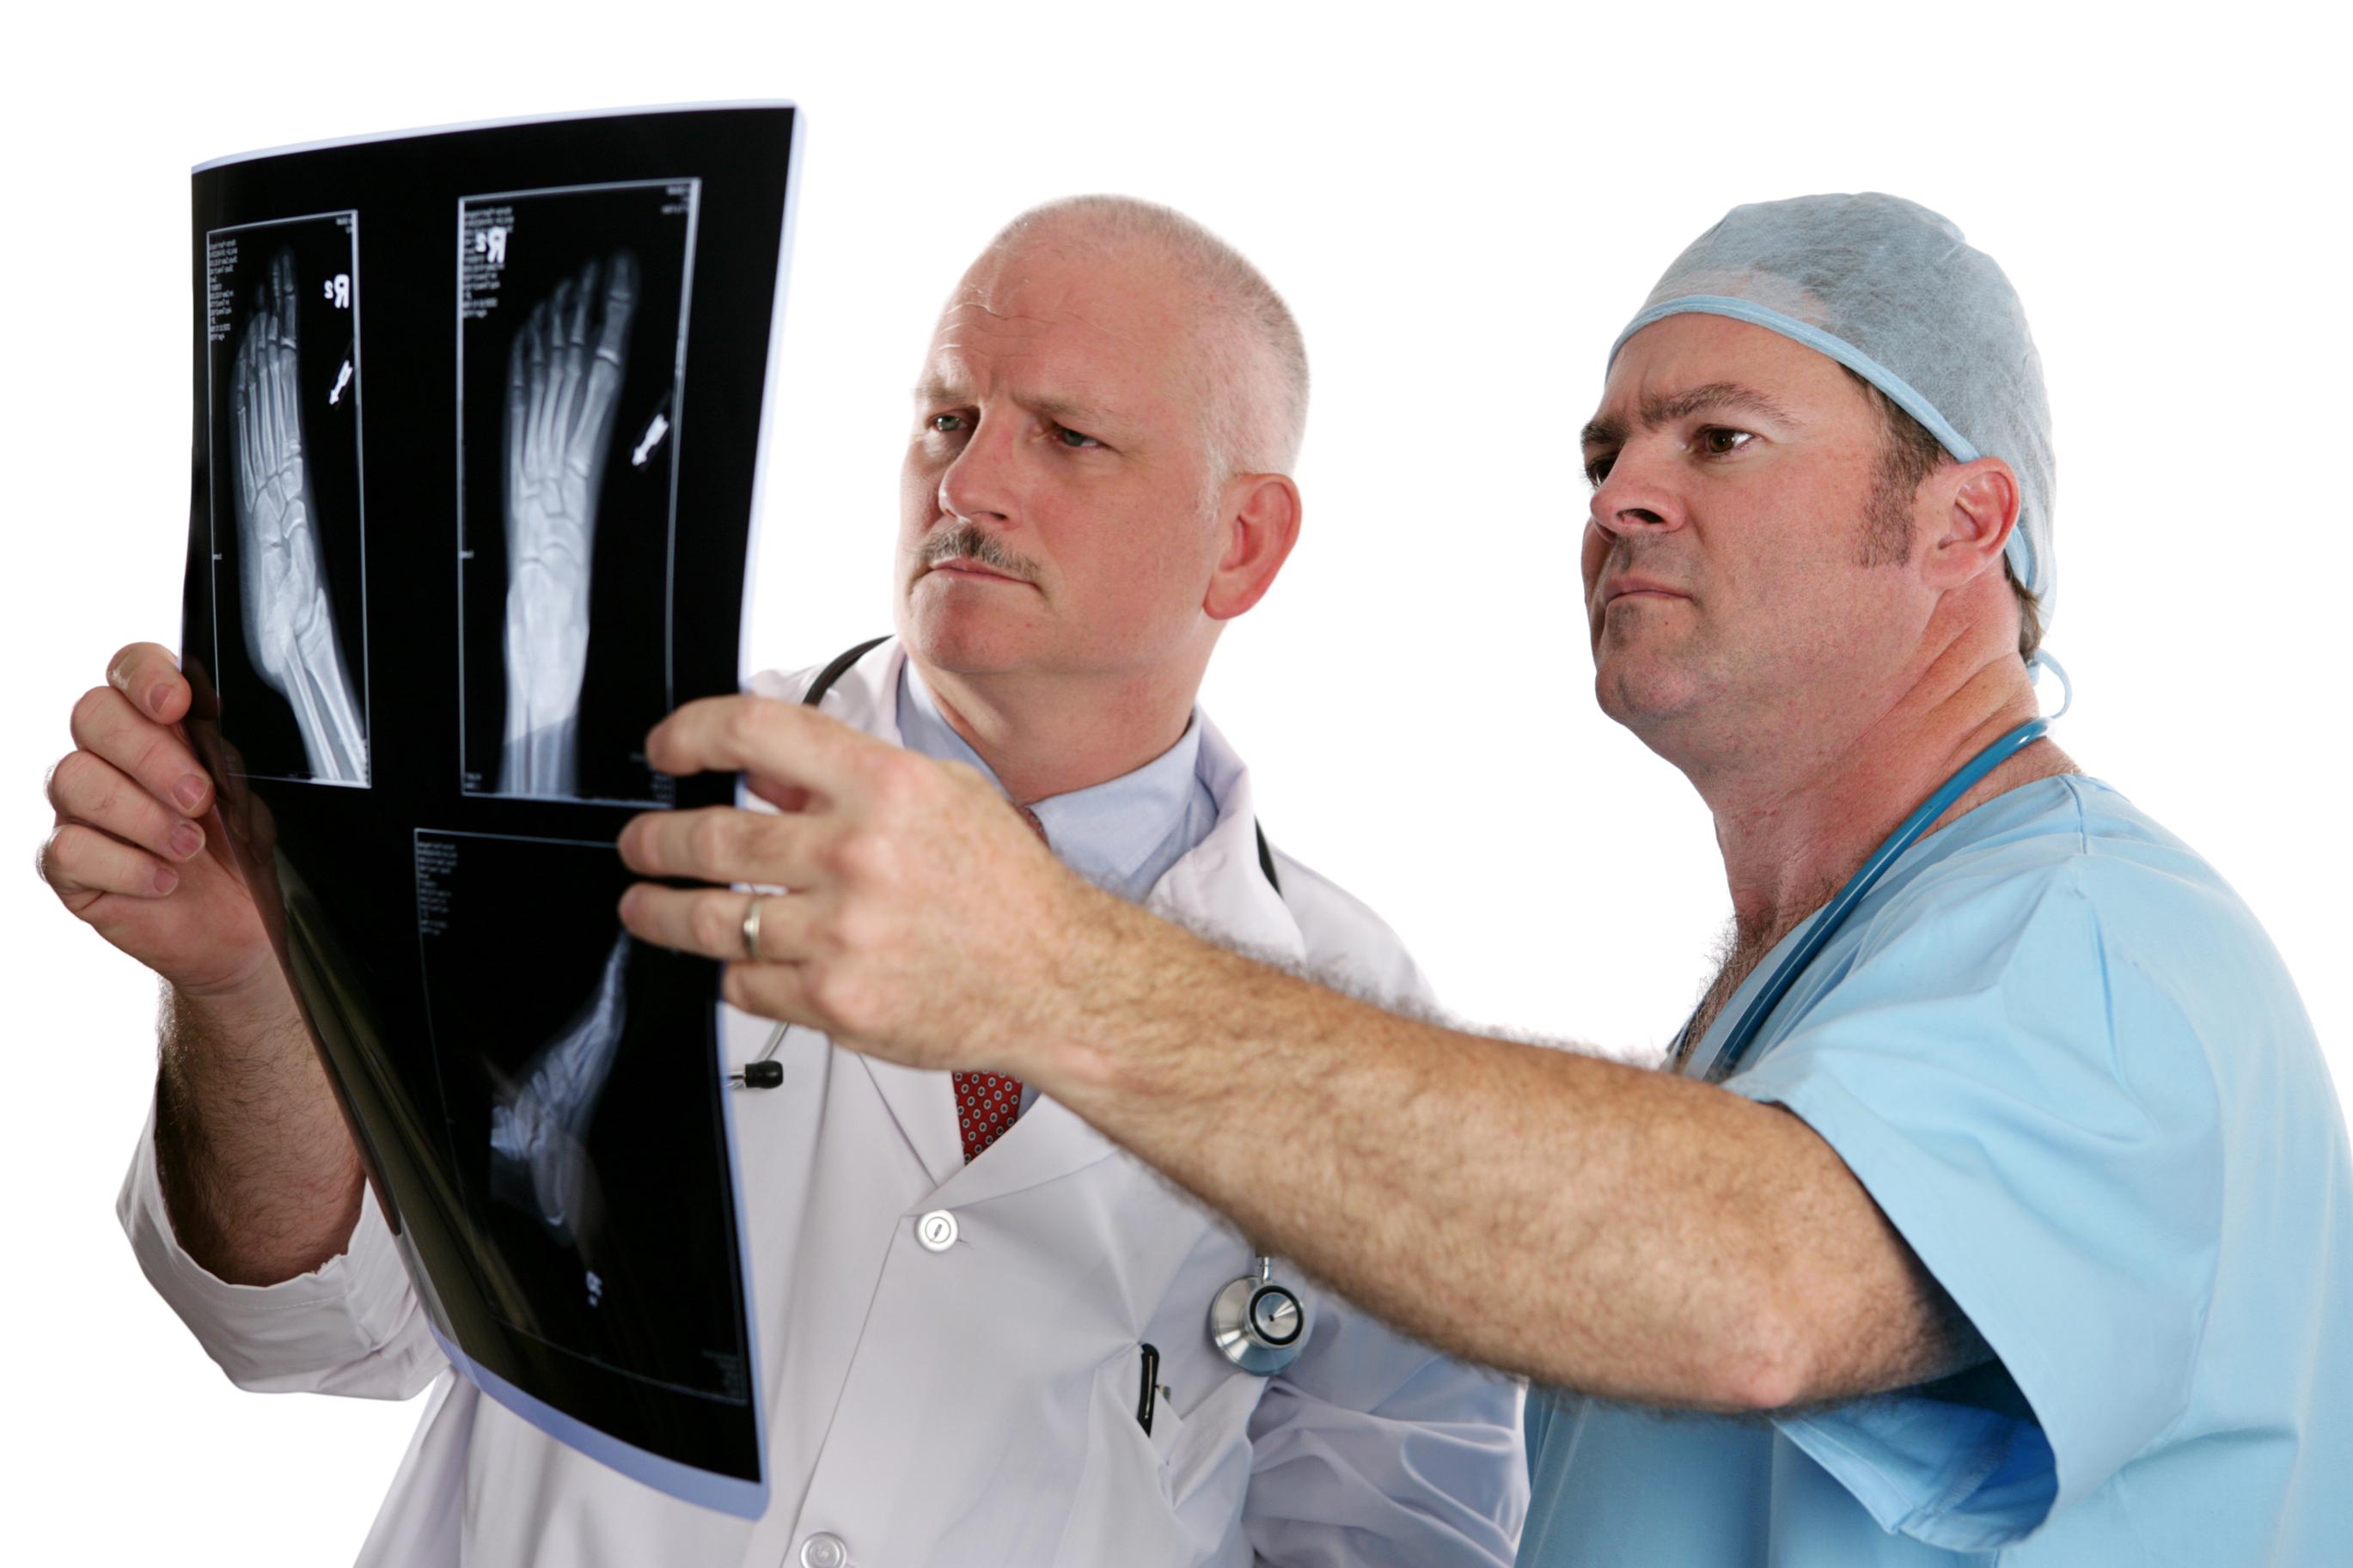 AOSM Clinic